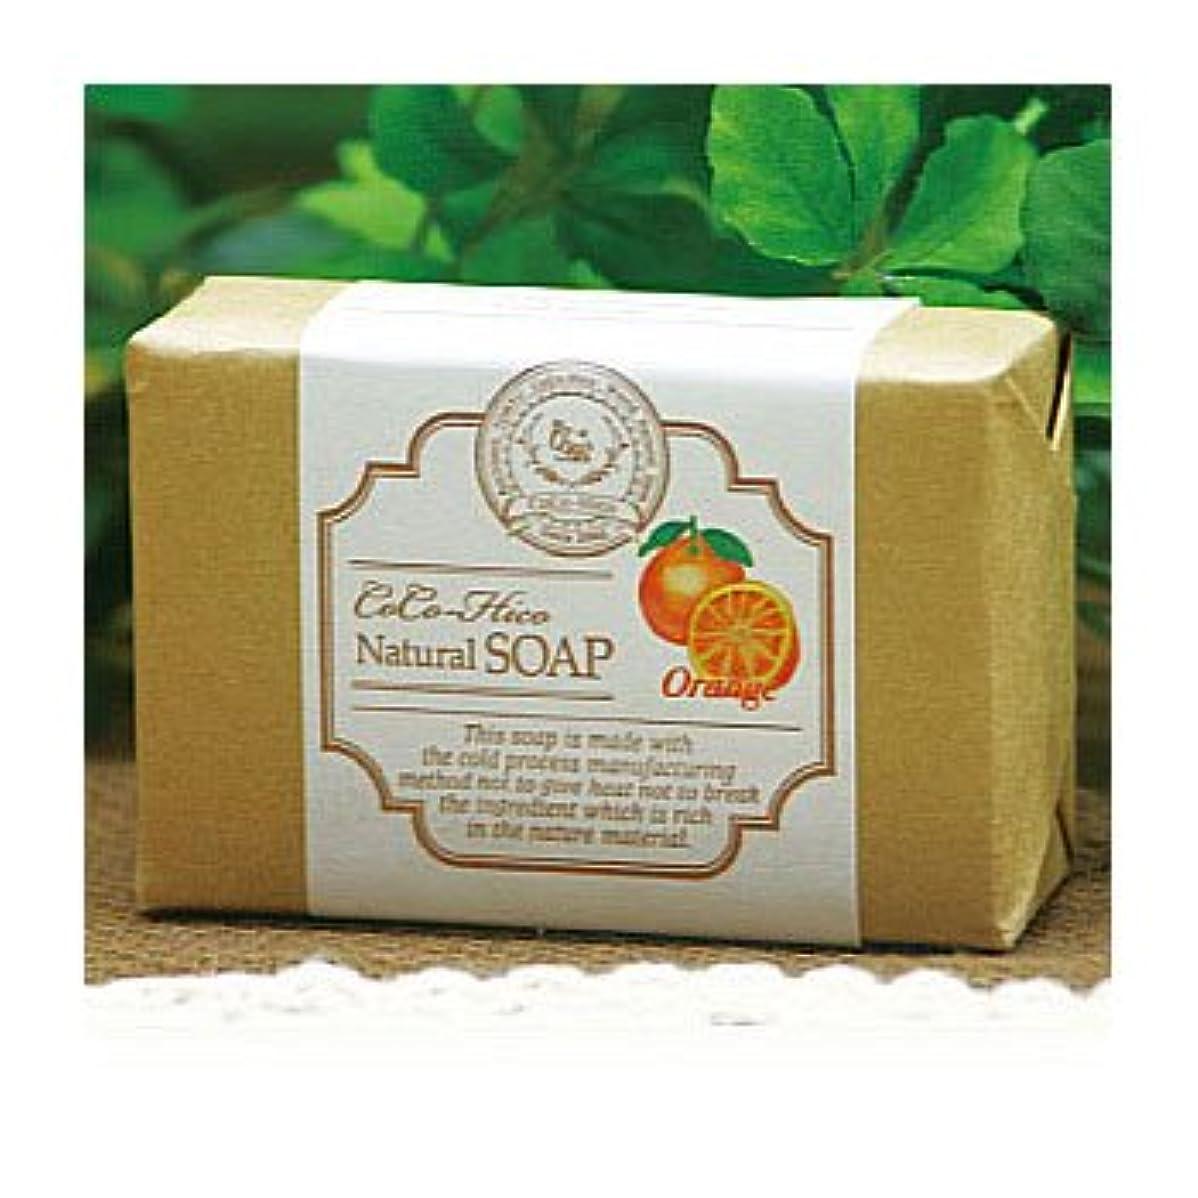 種をまく小学生ブルーベル【無添加 手作り 生せっけん】-CoCo-Hico SOAP-ココヒコ生せっけん オレンジ